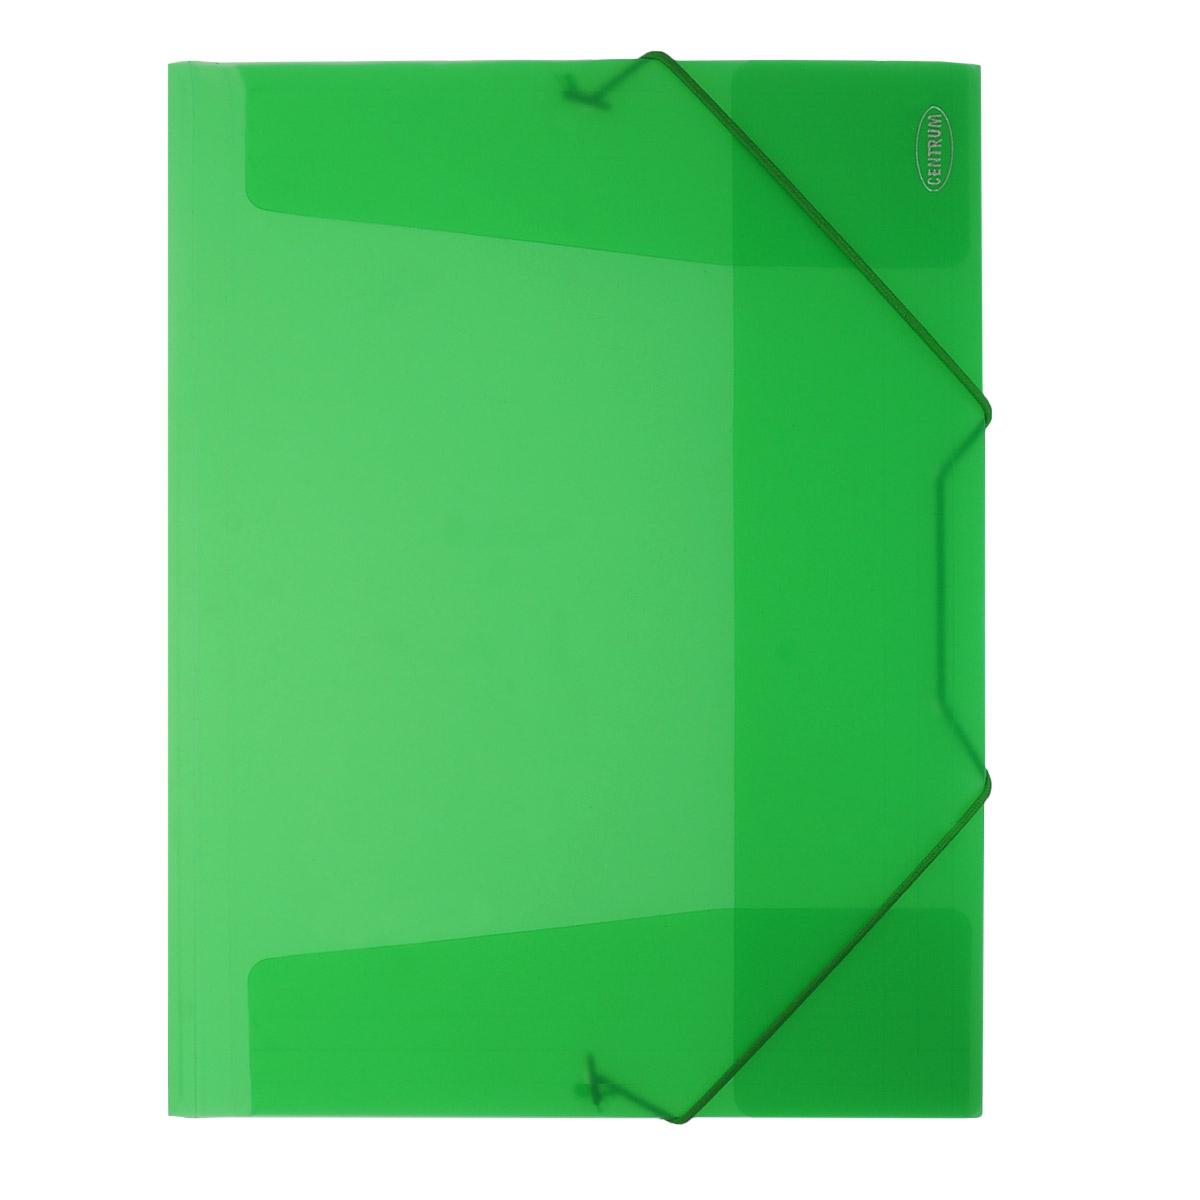 Папка на резинке Centrum пластиковая, формат А4, цвет: зеленый. 8001680016_зеленыйПапка на резинке Centrum станет вашим верным помощником дома и в офисе. Это удобный и функциональный инструмент, предназначенный для хранения и транспортировки больших объемов рабочих бумаг и документов формата А4.Папка изготовлена из износостойкого высококачественного пластика. Состоит из одного вместительного отделения. Грани папки закруглены для дополнительной прочности и сохранности опрятного вида папки.Папка - это незаменимый атрибут для любого студента, школьника или офисного работника. Такая папка надежно сохранит ваши бумаги и сбережет их от повреждений, пыли и влаги.